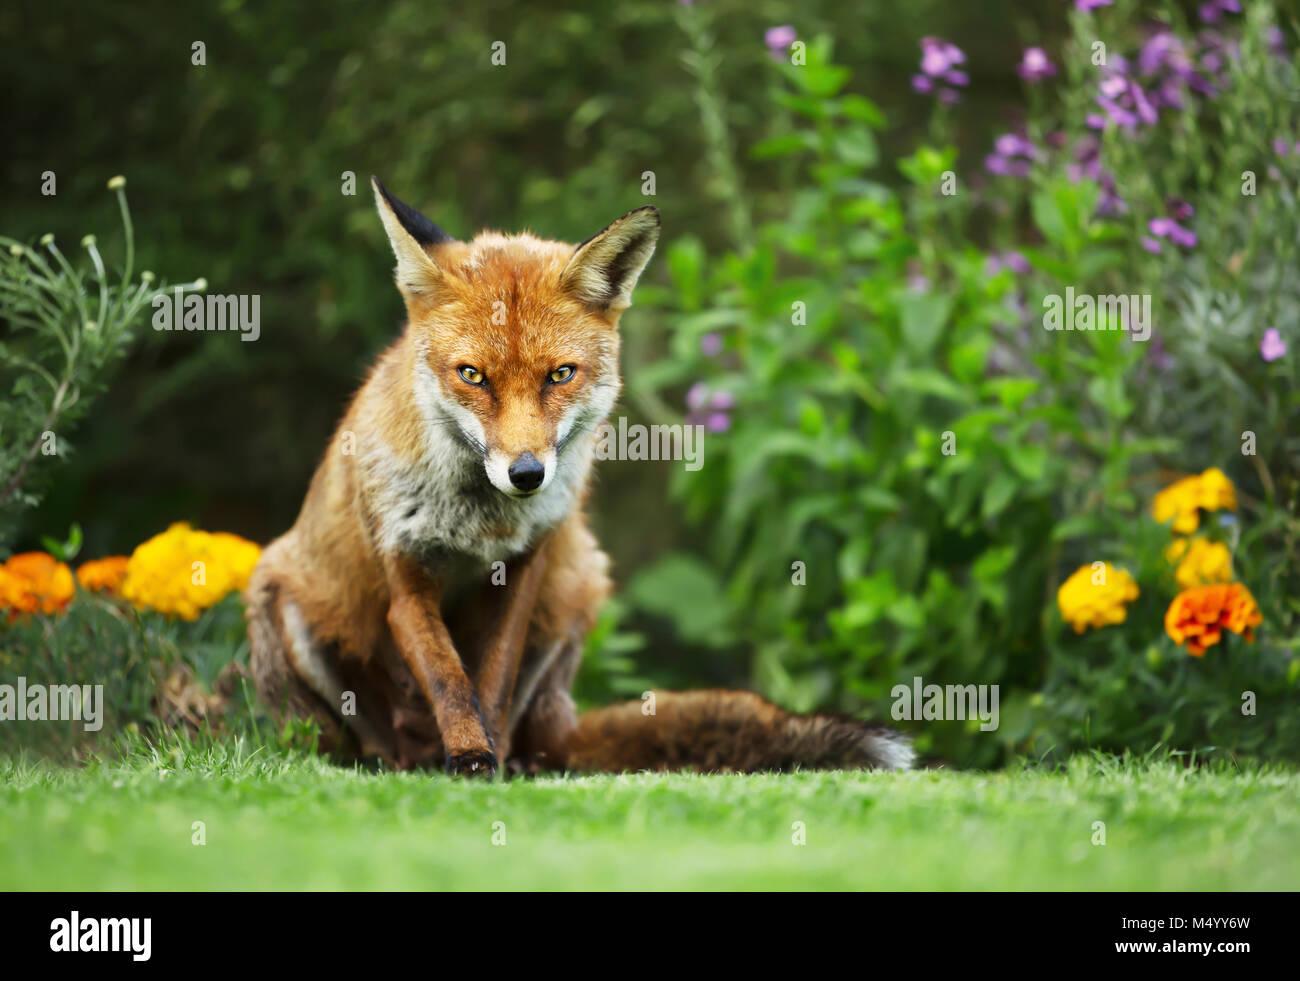 Close-up of a red fox debout dans le jardin de fleurs, l'été au Royaume-Uni. Photo Stock